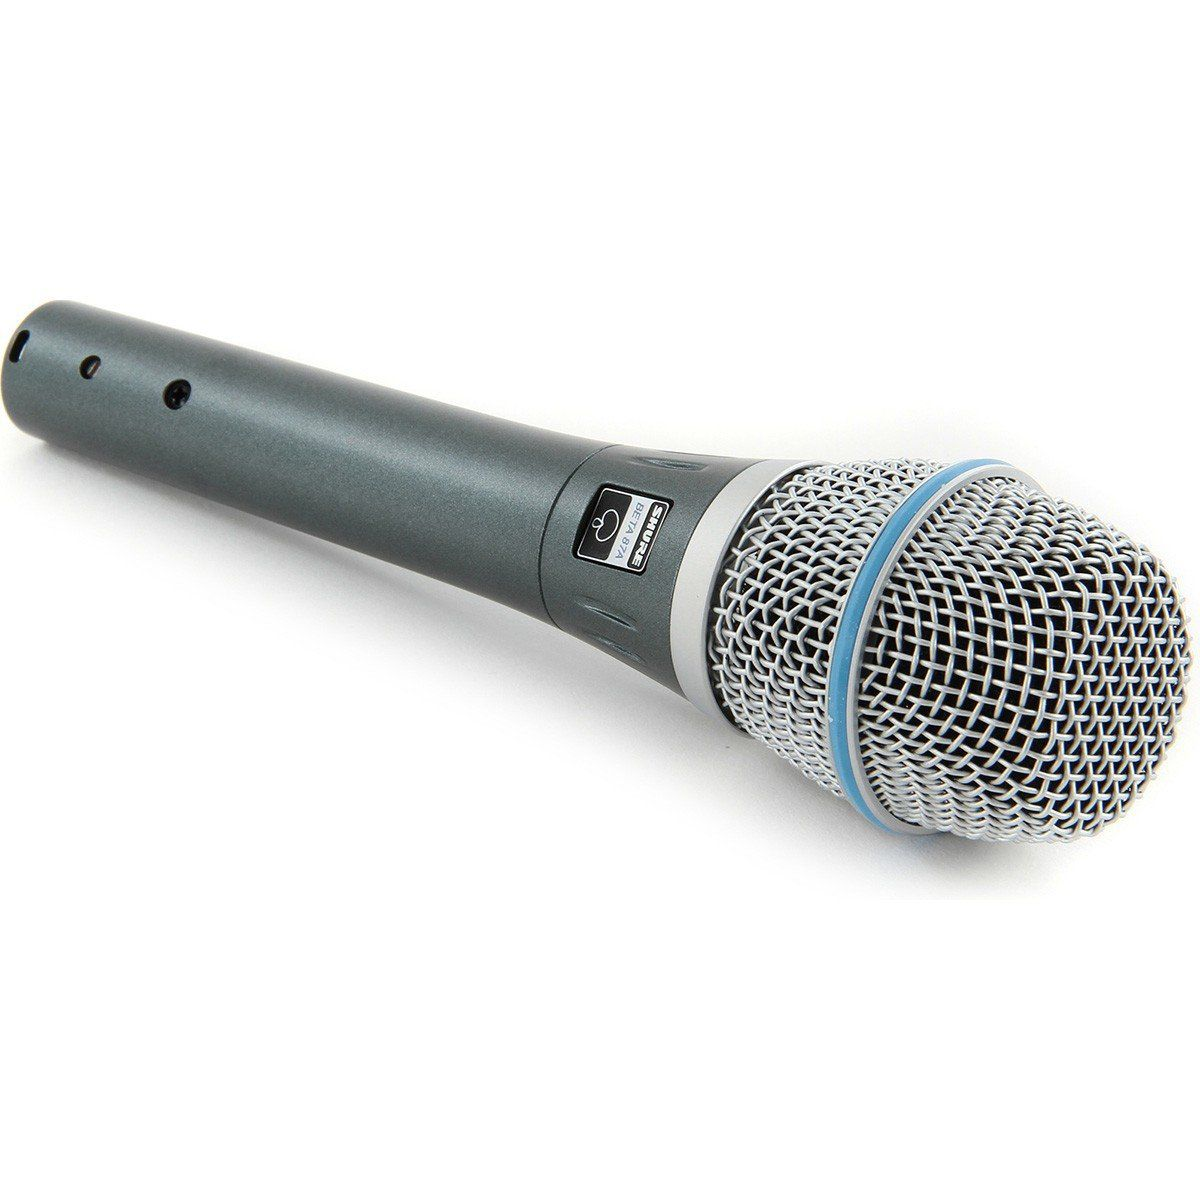 Shure Beta 87A Microfone Condensador Supercardióide Shure Beta 87 A para Palco